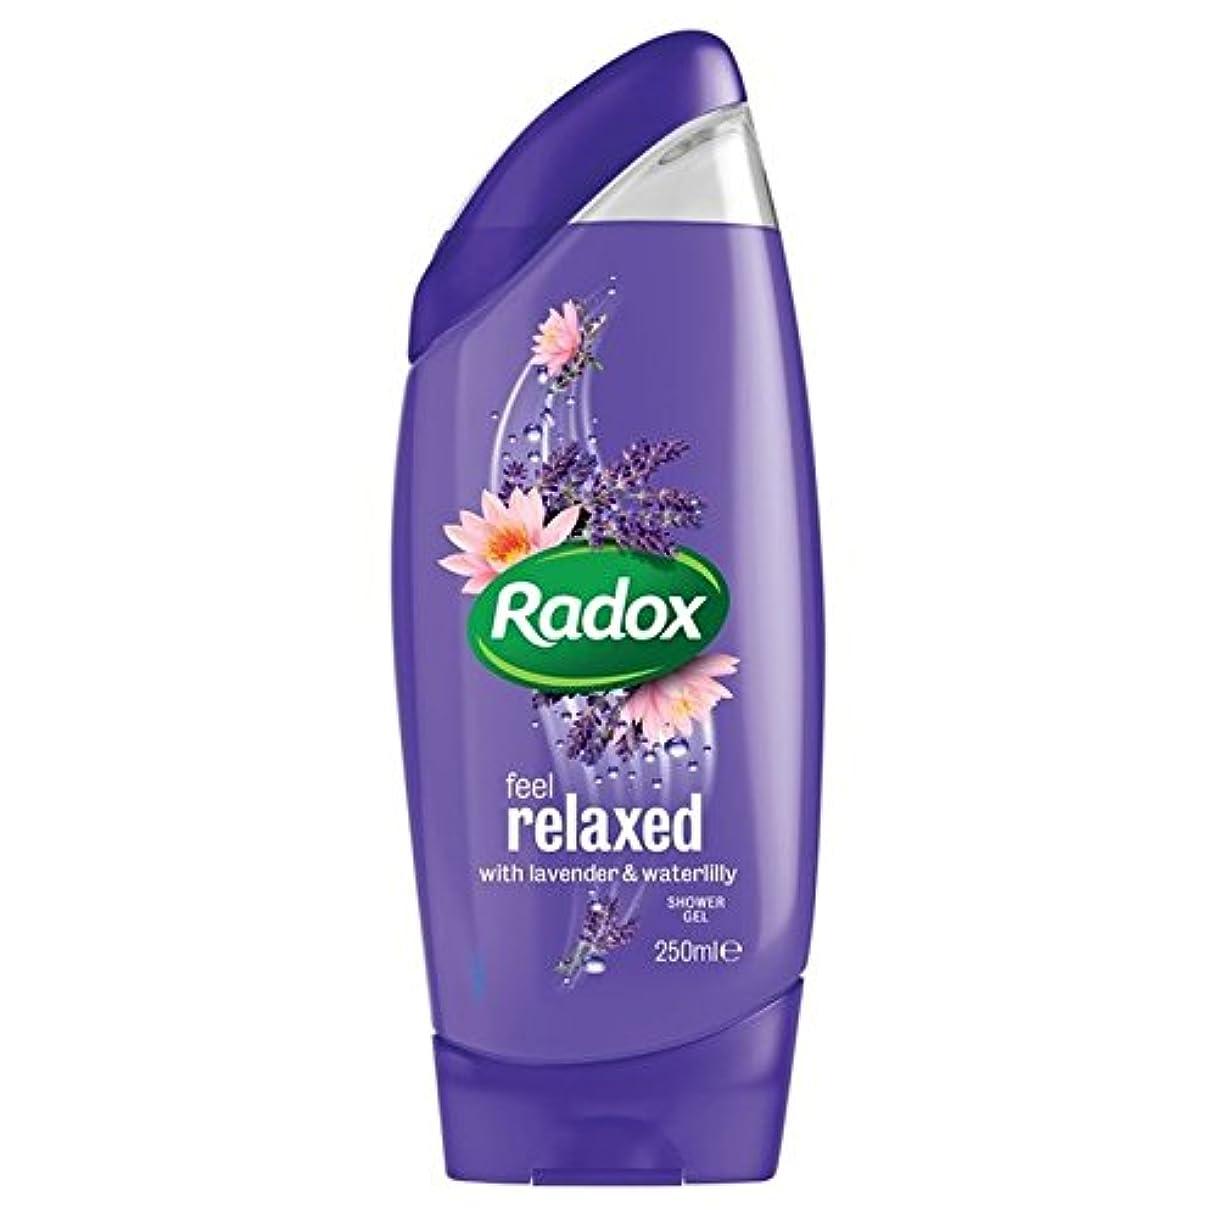 熱あまりにも群れはリラックスシャワージェル250ミリリットルを感じます x2 - Radox Feel Relaxed Shower Gel 250ml (Pack of 2) [並行輸入品]